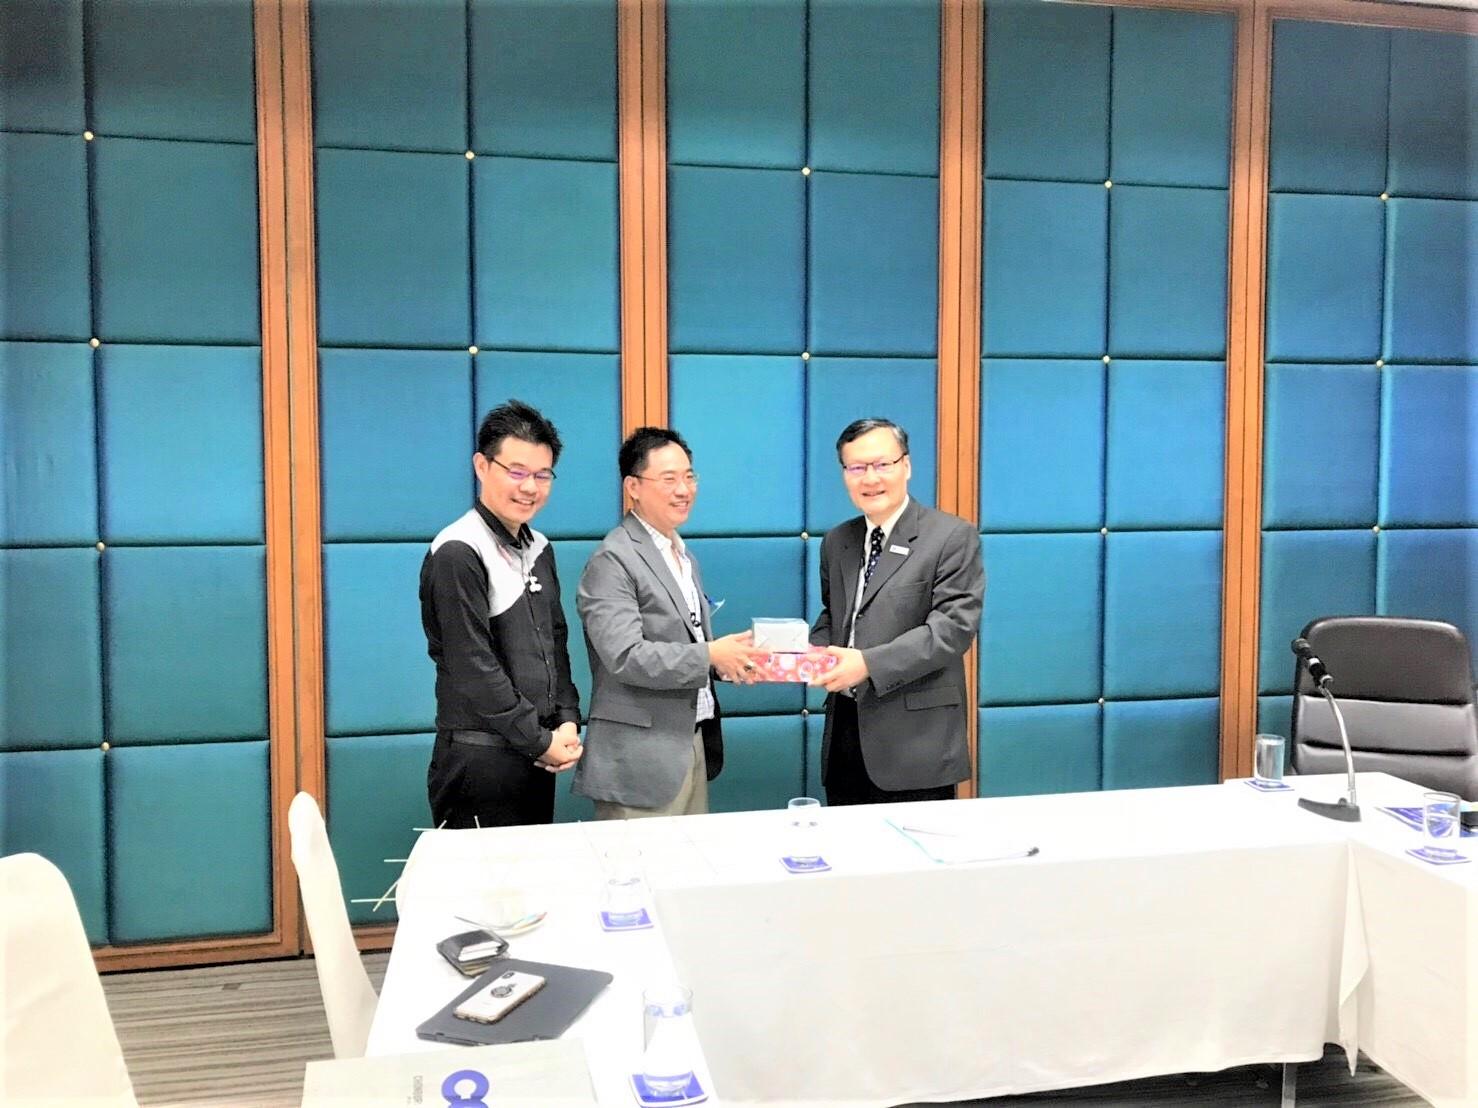 ขอขอบคุณ บริษัท ทีม คอนซัลติ้ง เอนจิเนียริ่ง แอนด์ แมนเนจเม้นท์ จำกัด (มหาชน) ที่เปิดโอกาสให้ บริษัท สมาร์ทคอนกรีต จำกัด (มหาชน) เข้านำเสนอผลิตภัณฑ์ สมาร์ทบล็อค G4 อิฐมวลเบา ประหยัดพลังงาน เบอร์ 5